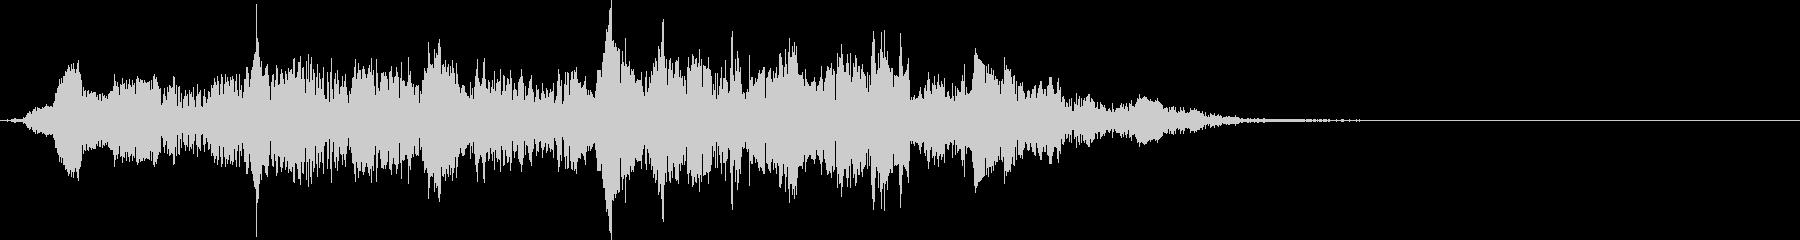 這いずる・触手を動かす音(低・長)の未再生の波形